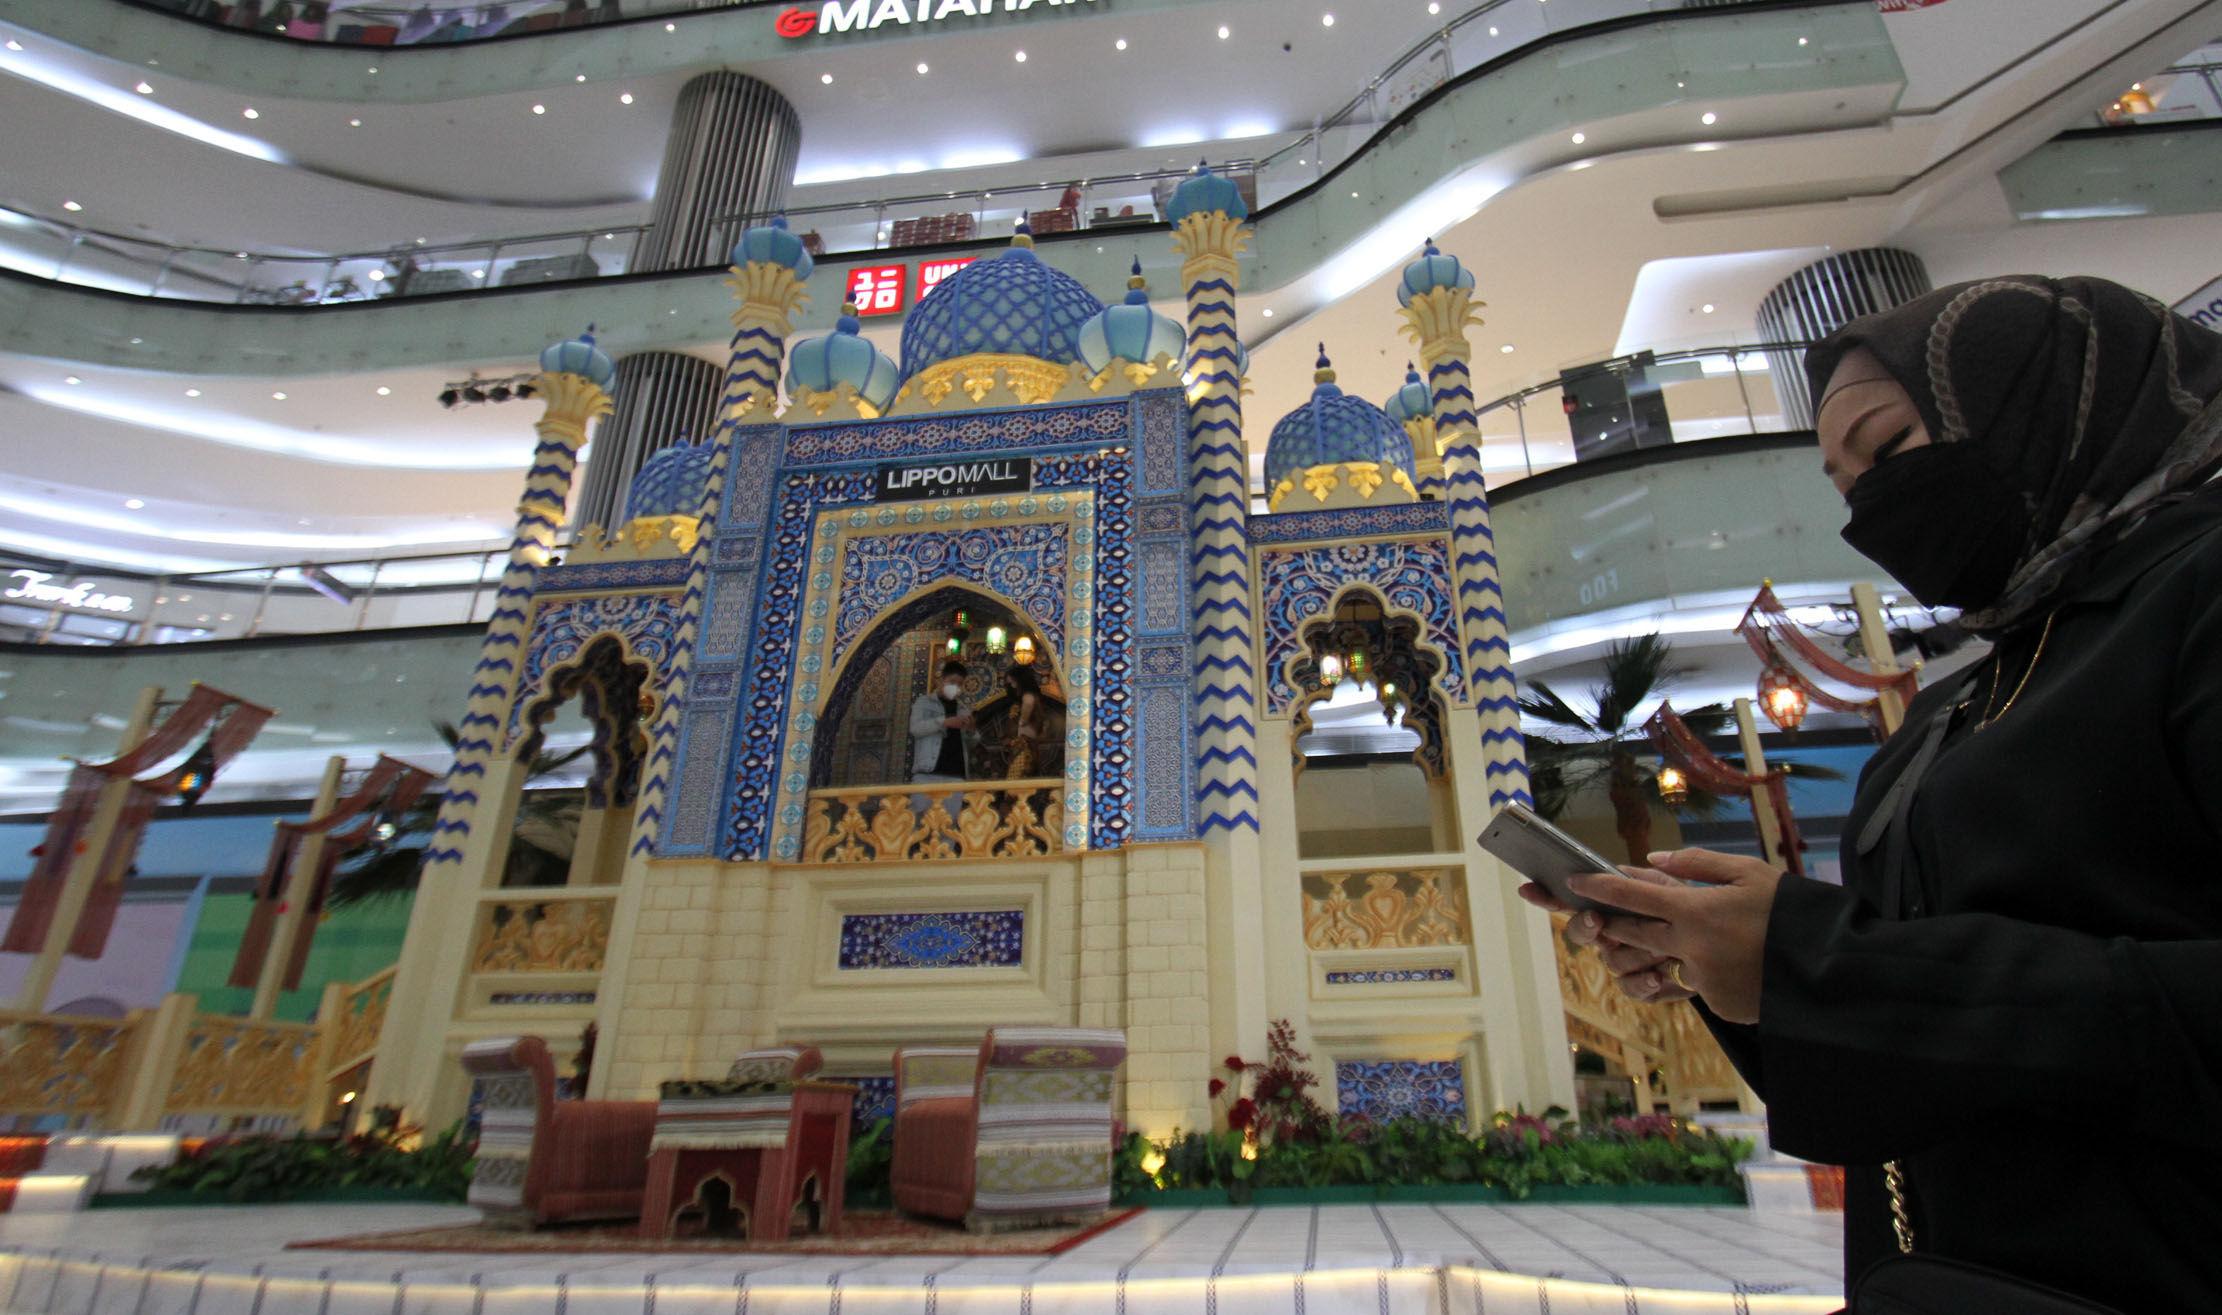 Kemeriahan Ramadhan, Lippo Mall Puri Suguhkan Dekorasi Nuansa Timur Tengah